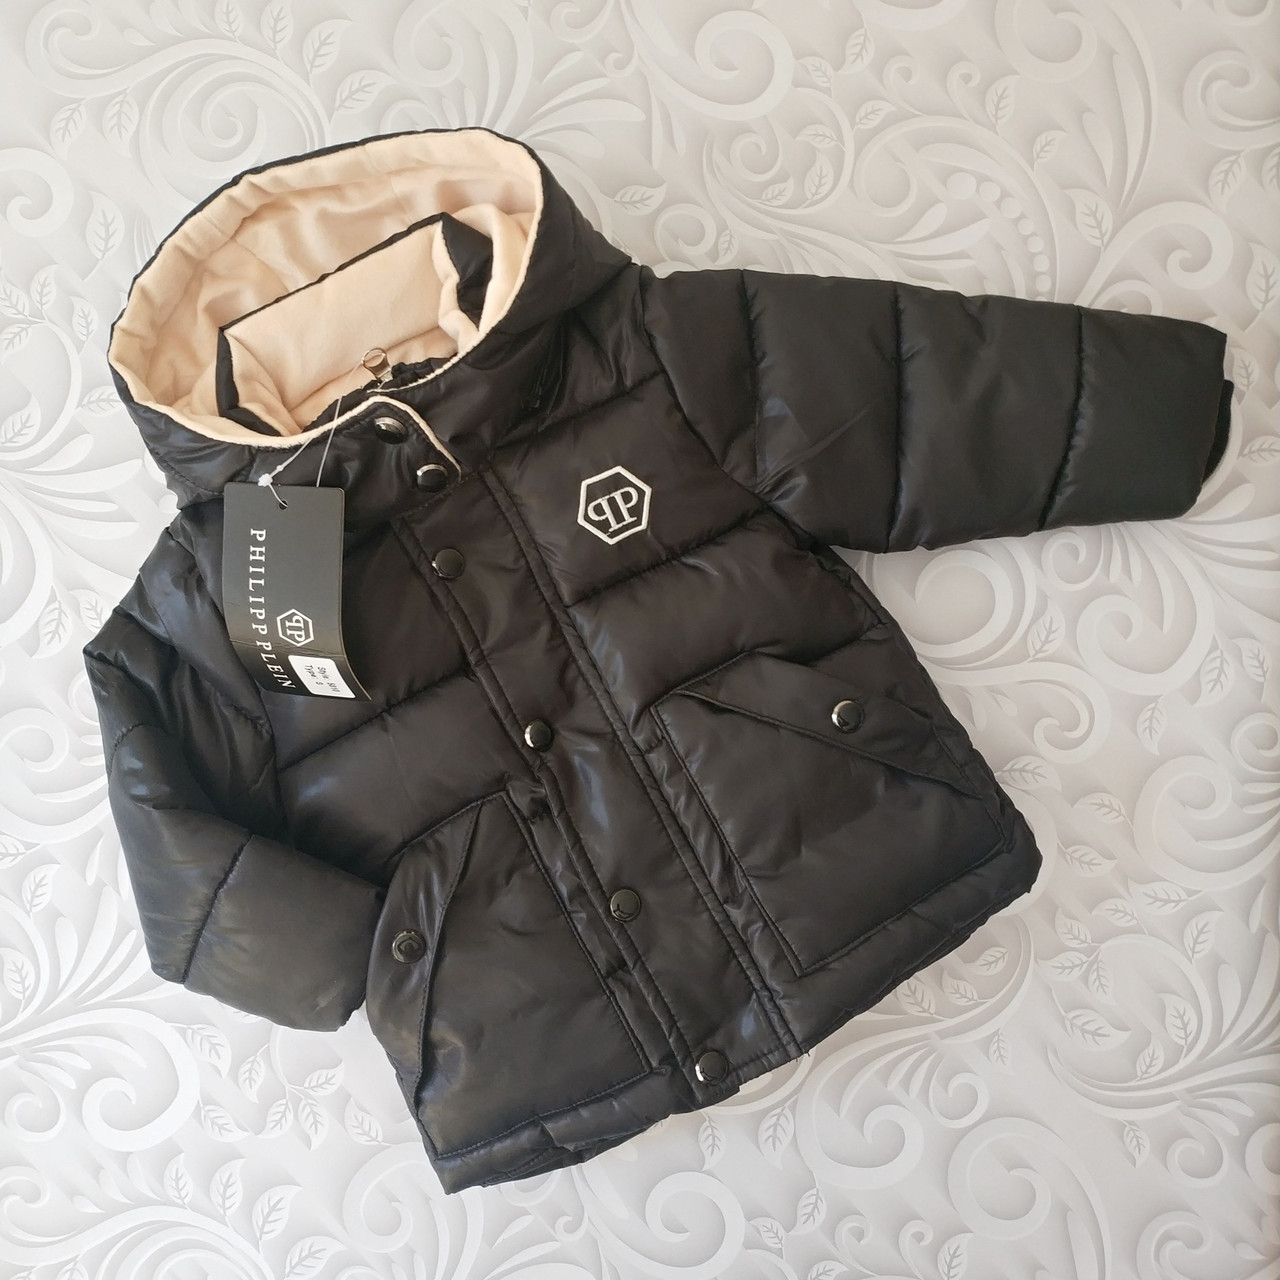 Детская куртка Philipp Plein,еврозима, 92-98